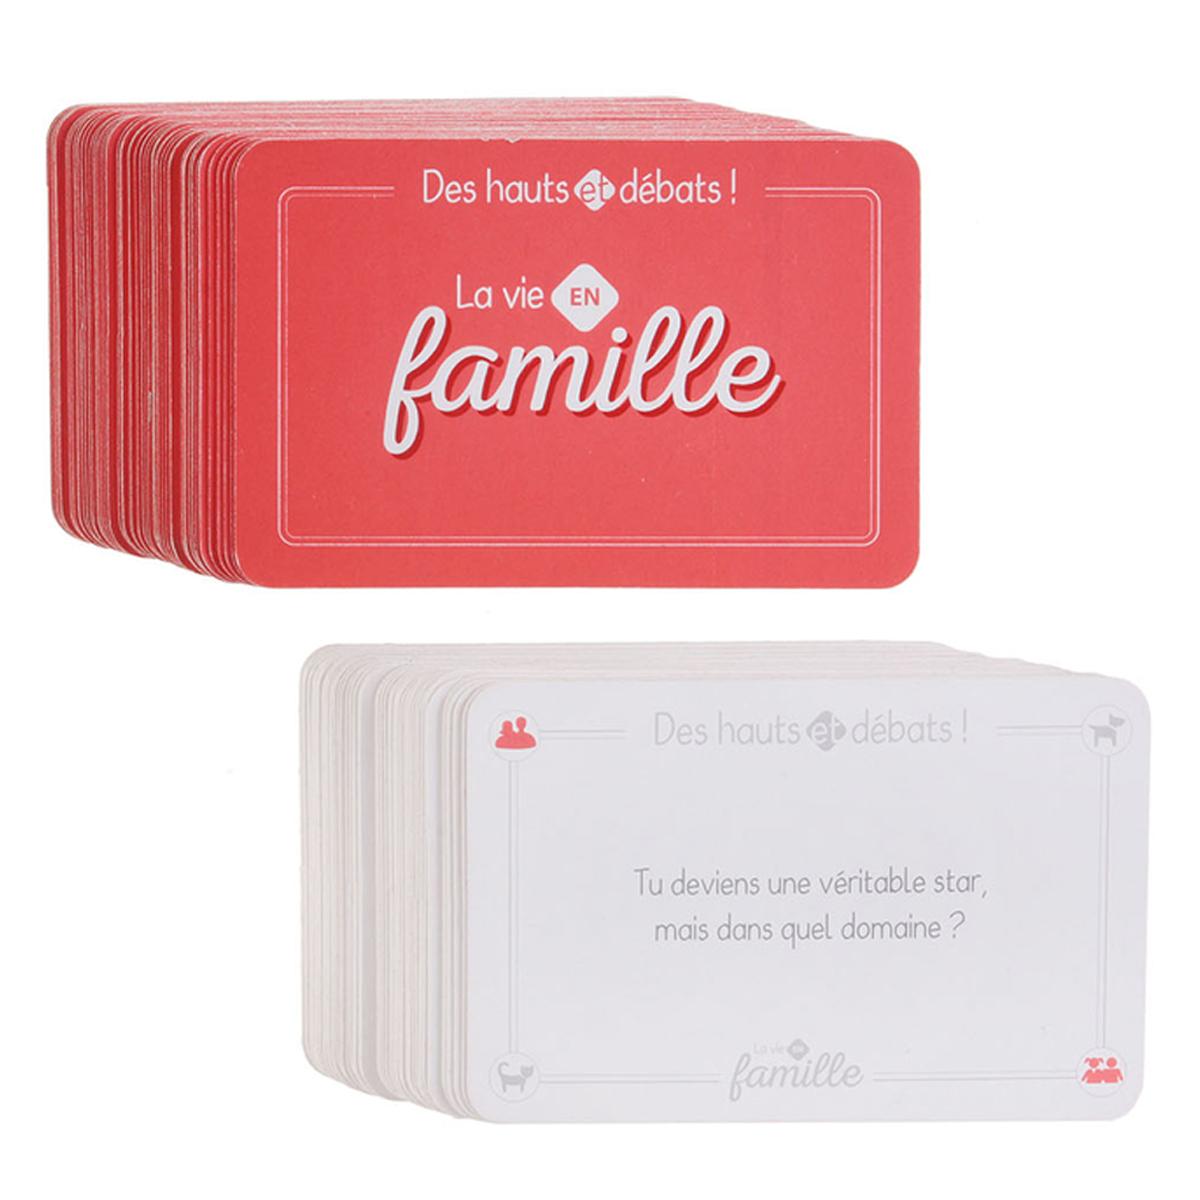 Jeu de cartes \'La vie en Famille\' (54 cartes) - 84x55x30 mm - [R0015]